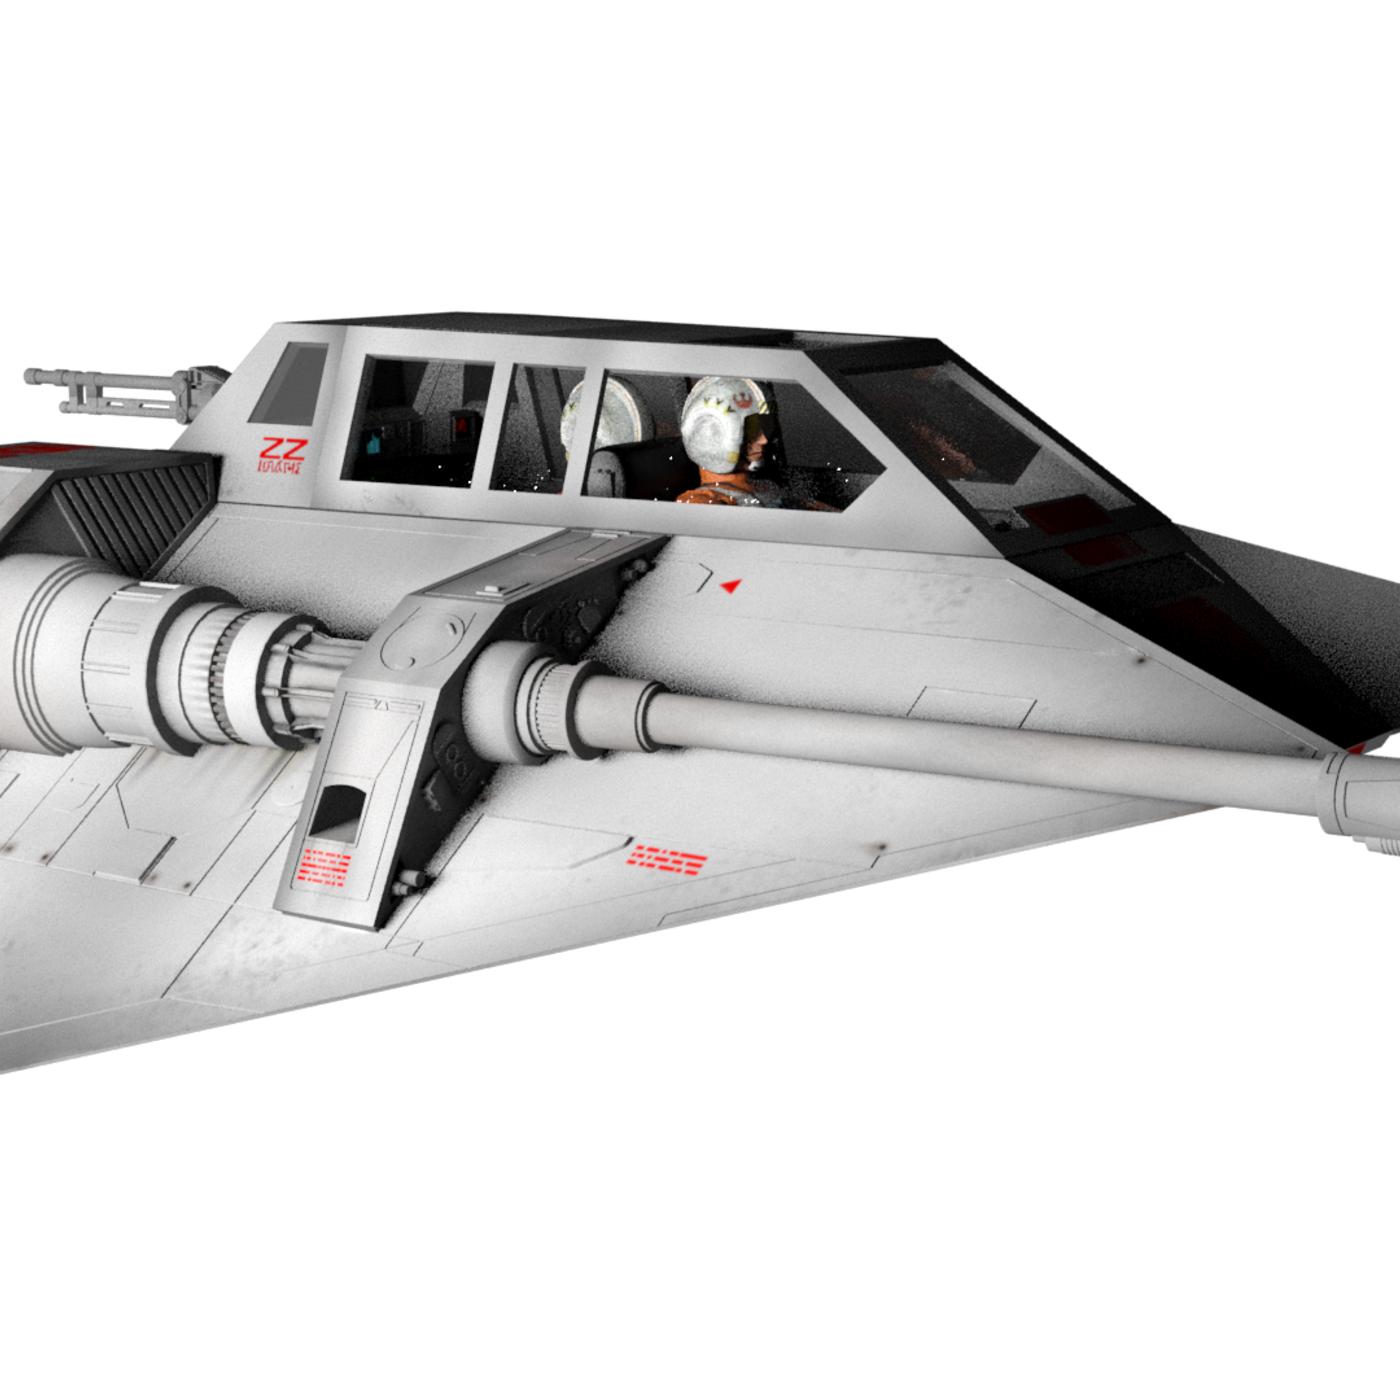 Star Wars Rebel Snow Speeder